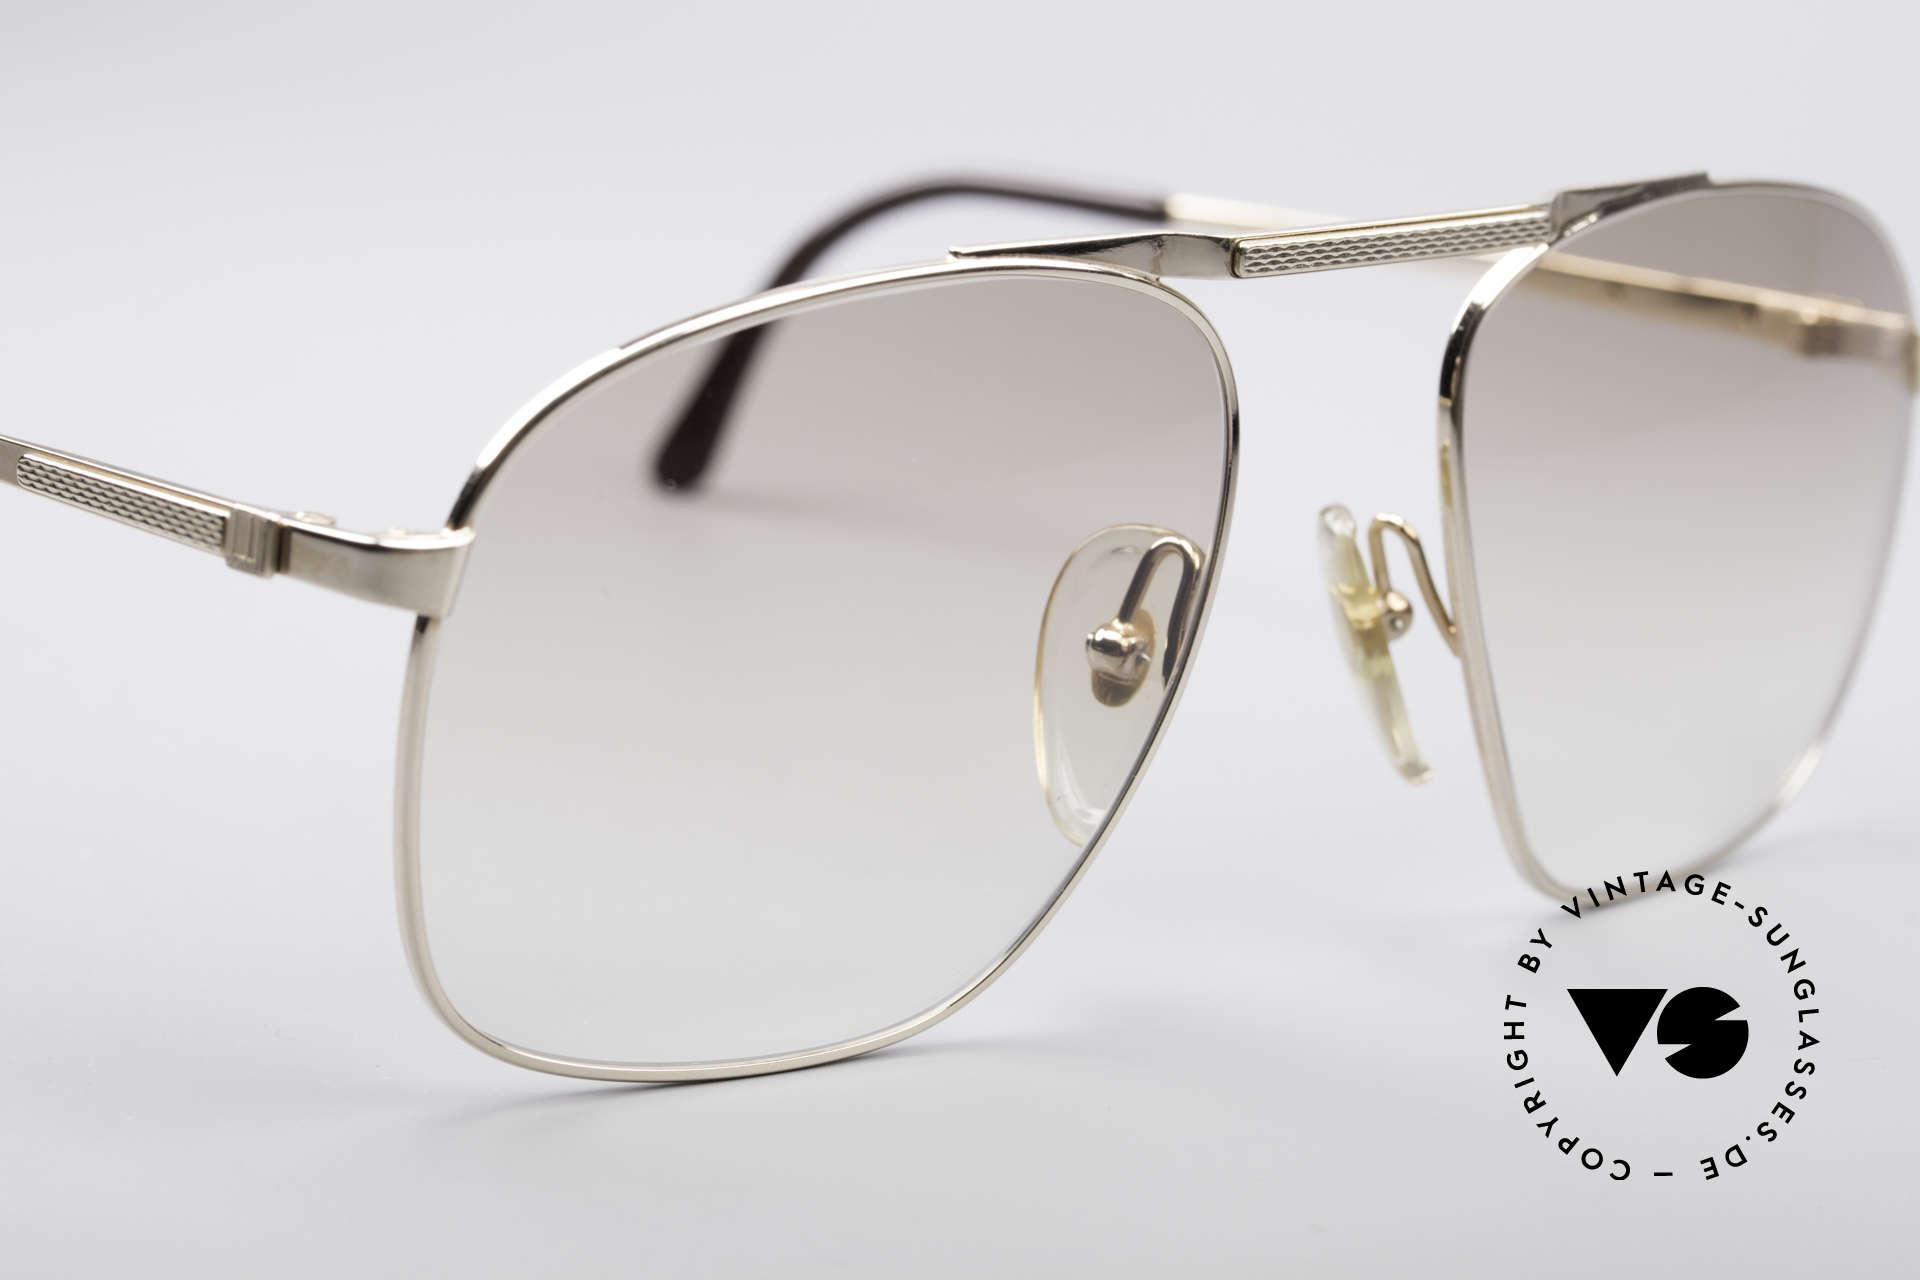 Dunhill 6046 80er Luxus Herrenbrille, ungetragen (wie alle unsere vintage Luxus-Sonnenbrillen), Passend für Herren